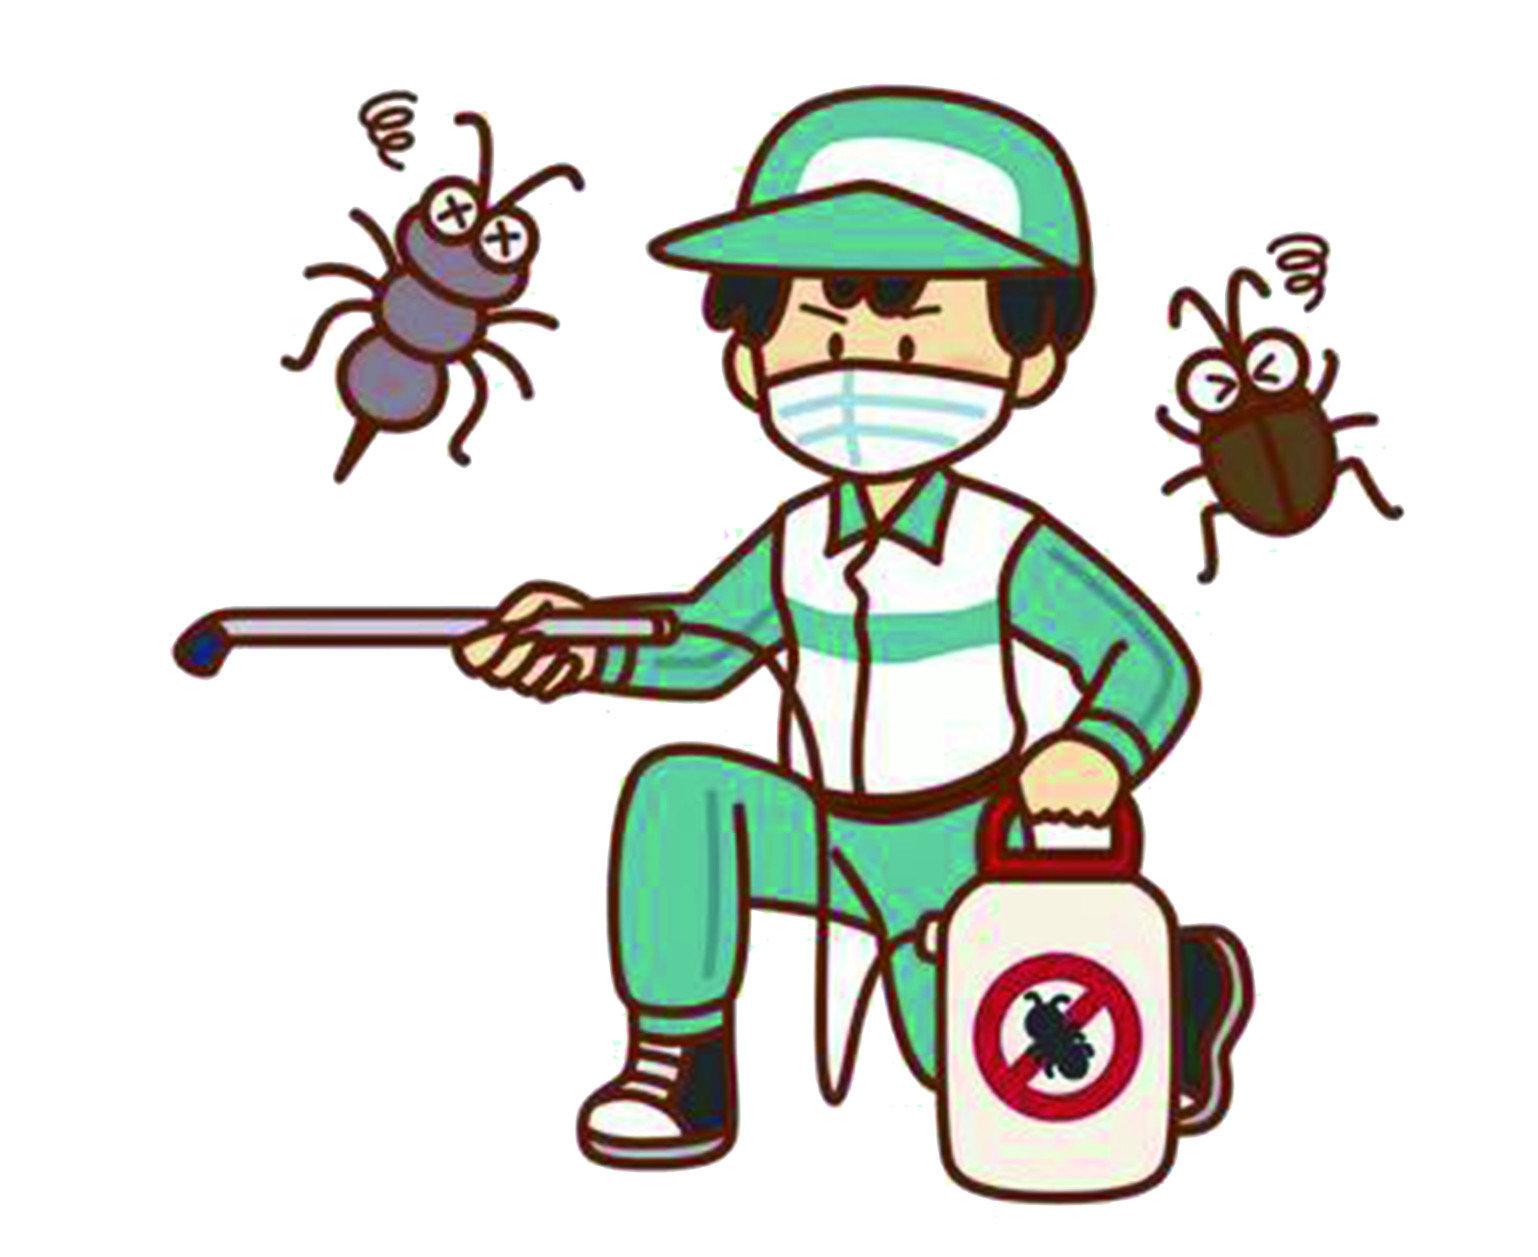 如何動手營造一個不適合白蟻生存的環境,白蟻喜歡生存在充滿陽光且潮濕的地方如果住宅的附近有許多木頭或是紙箱,盡快動手將其丟棄,避免白蟻危害。1.避免再房子周圍放置許多木材動手清除住宅周圍的木材、紙箱,為了有效預防白蟻,請整理並丟棄它吧。2.改善房子的通風與日照增加房子的通風與光線的照射,創造一個白蟻不喜歡的環境。3.盡量不要在住宅堆積物品養成良好的清潔習慣,避免住宅堆積許多物品,造成溼氣的聚集。4.房子出現漏水、滲水隨著屋齡的增長,造成牆體的雨水滲漏,如果不盡快修復,容易遭產生白蟻,甚至還會造成發霉的情況。